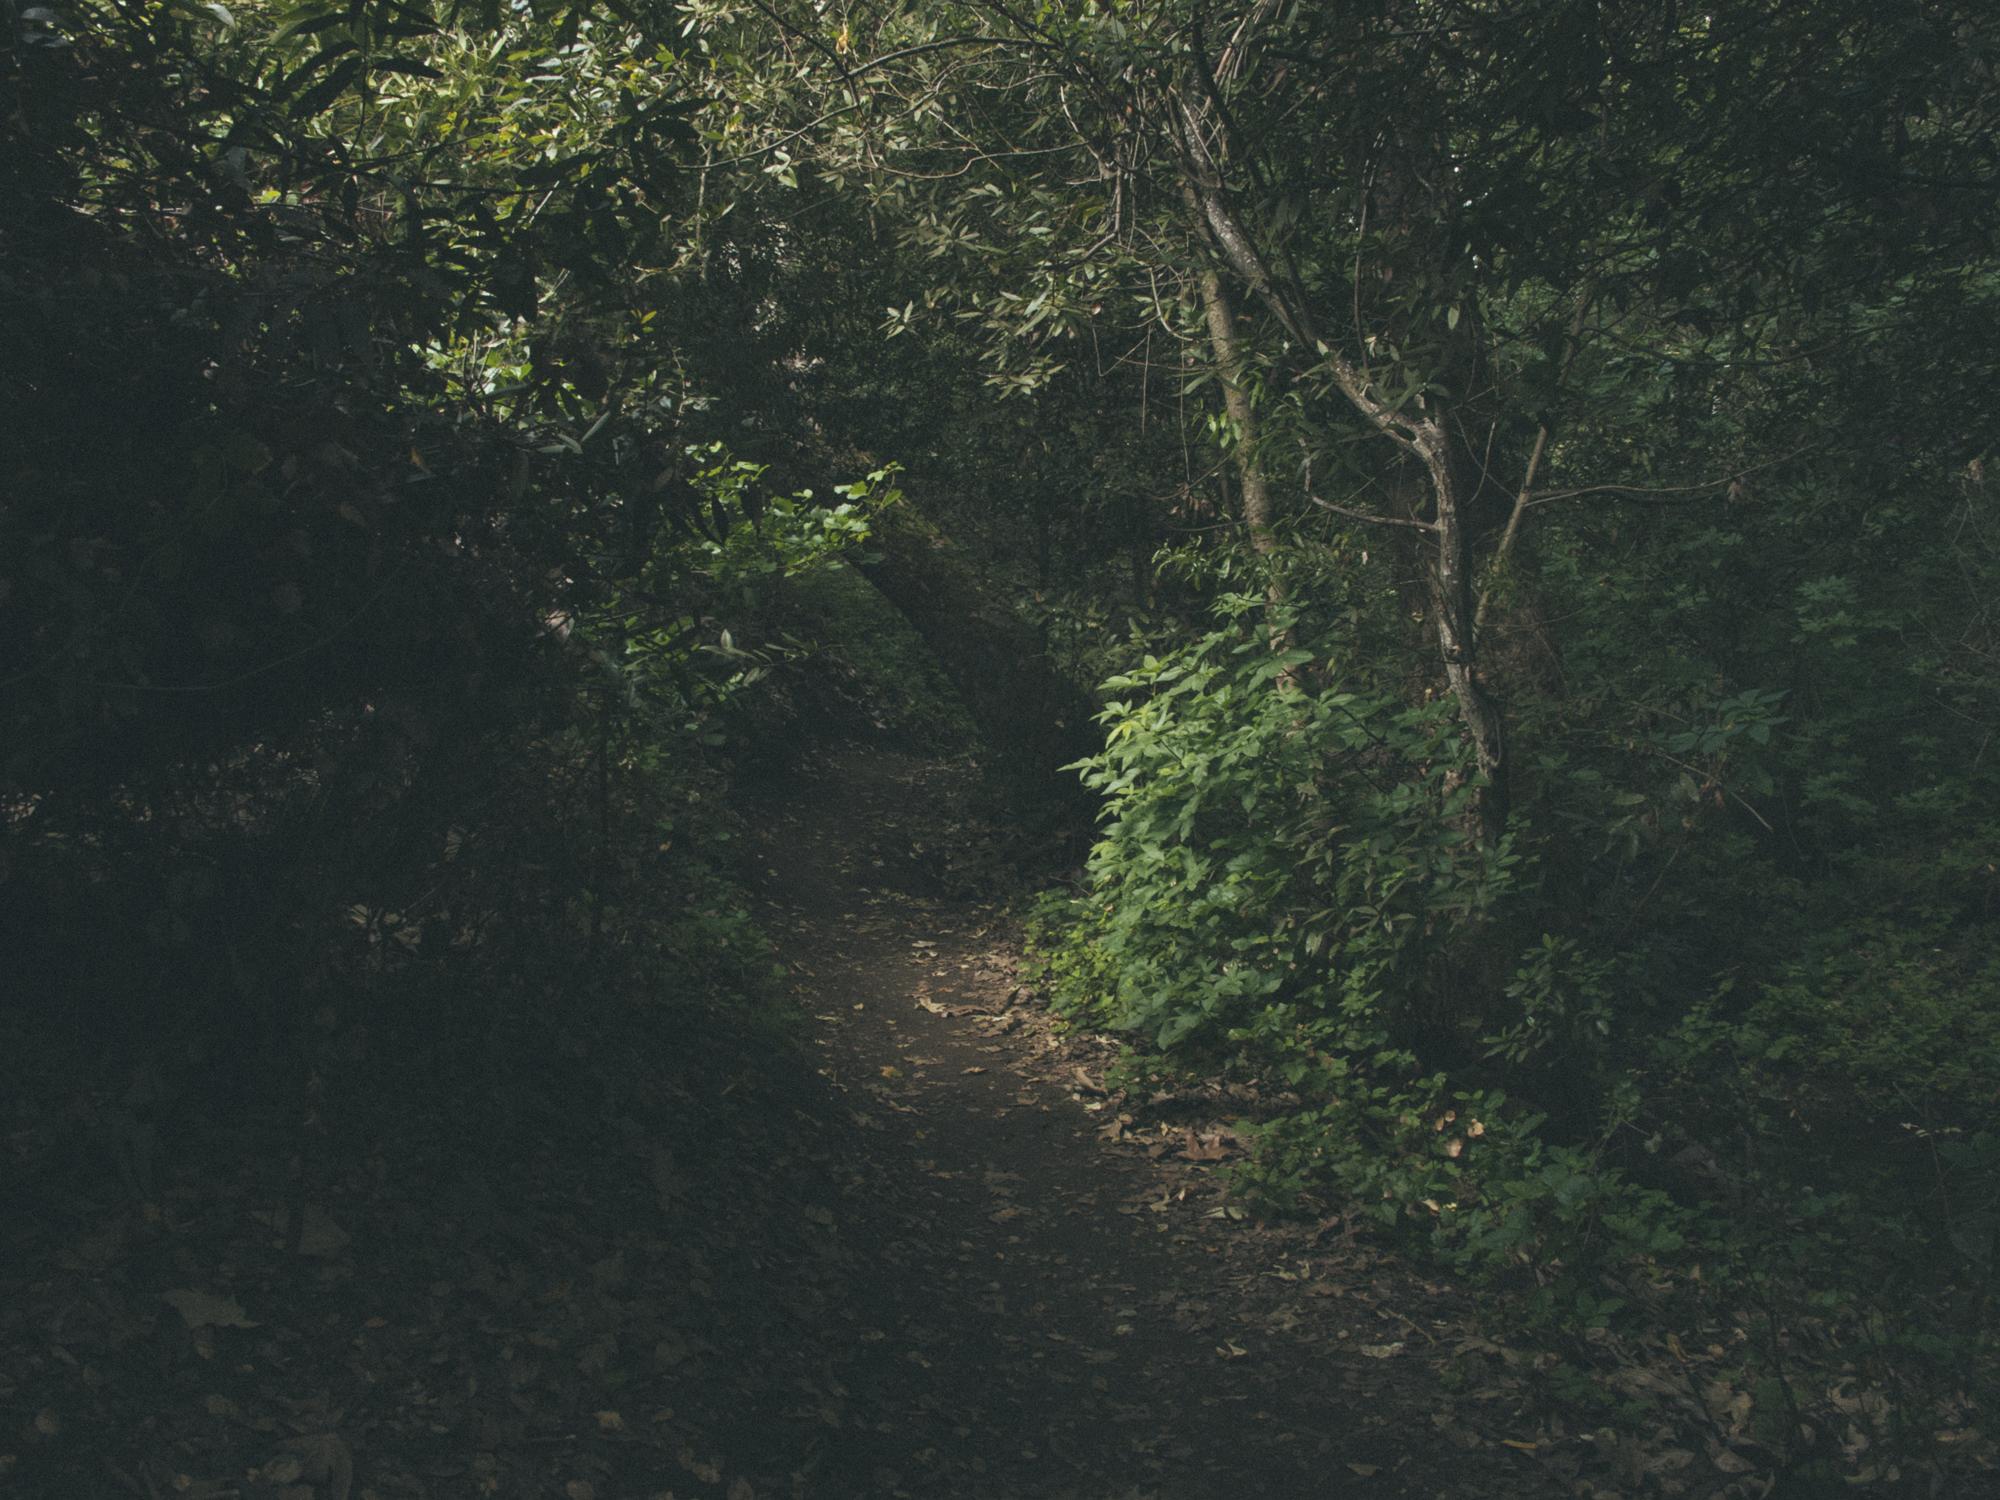 Woods-0833.jpg